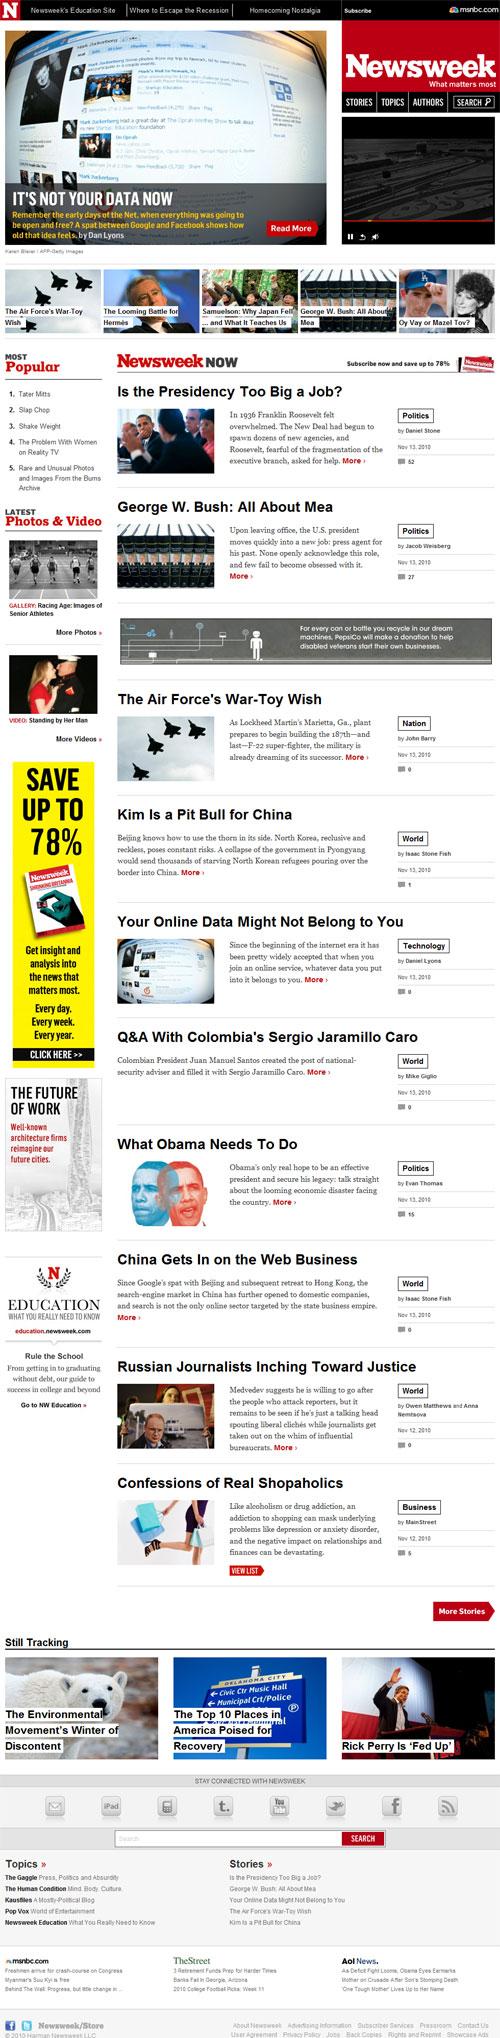 Newsweek.com